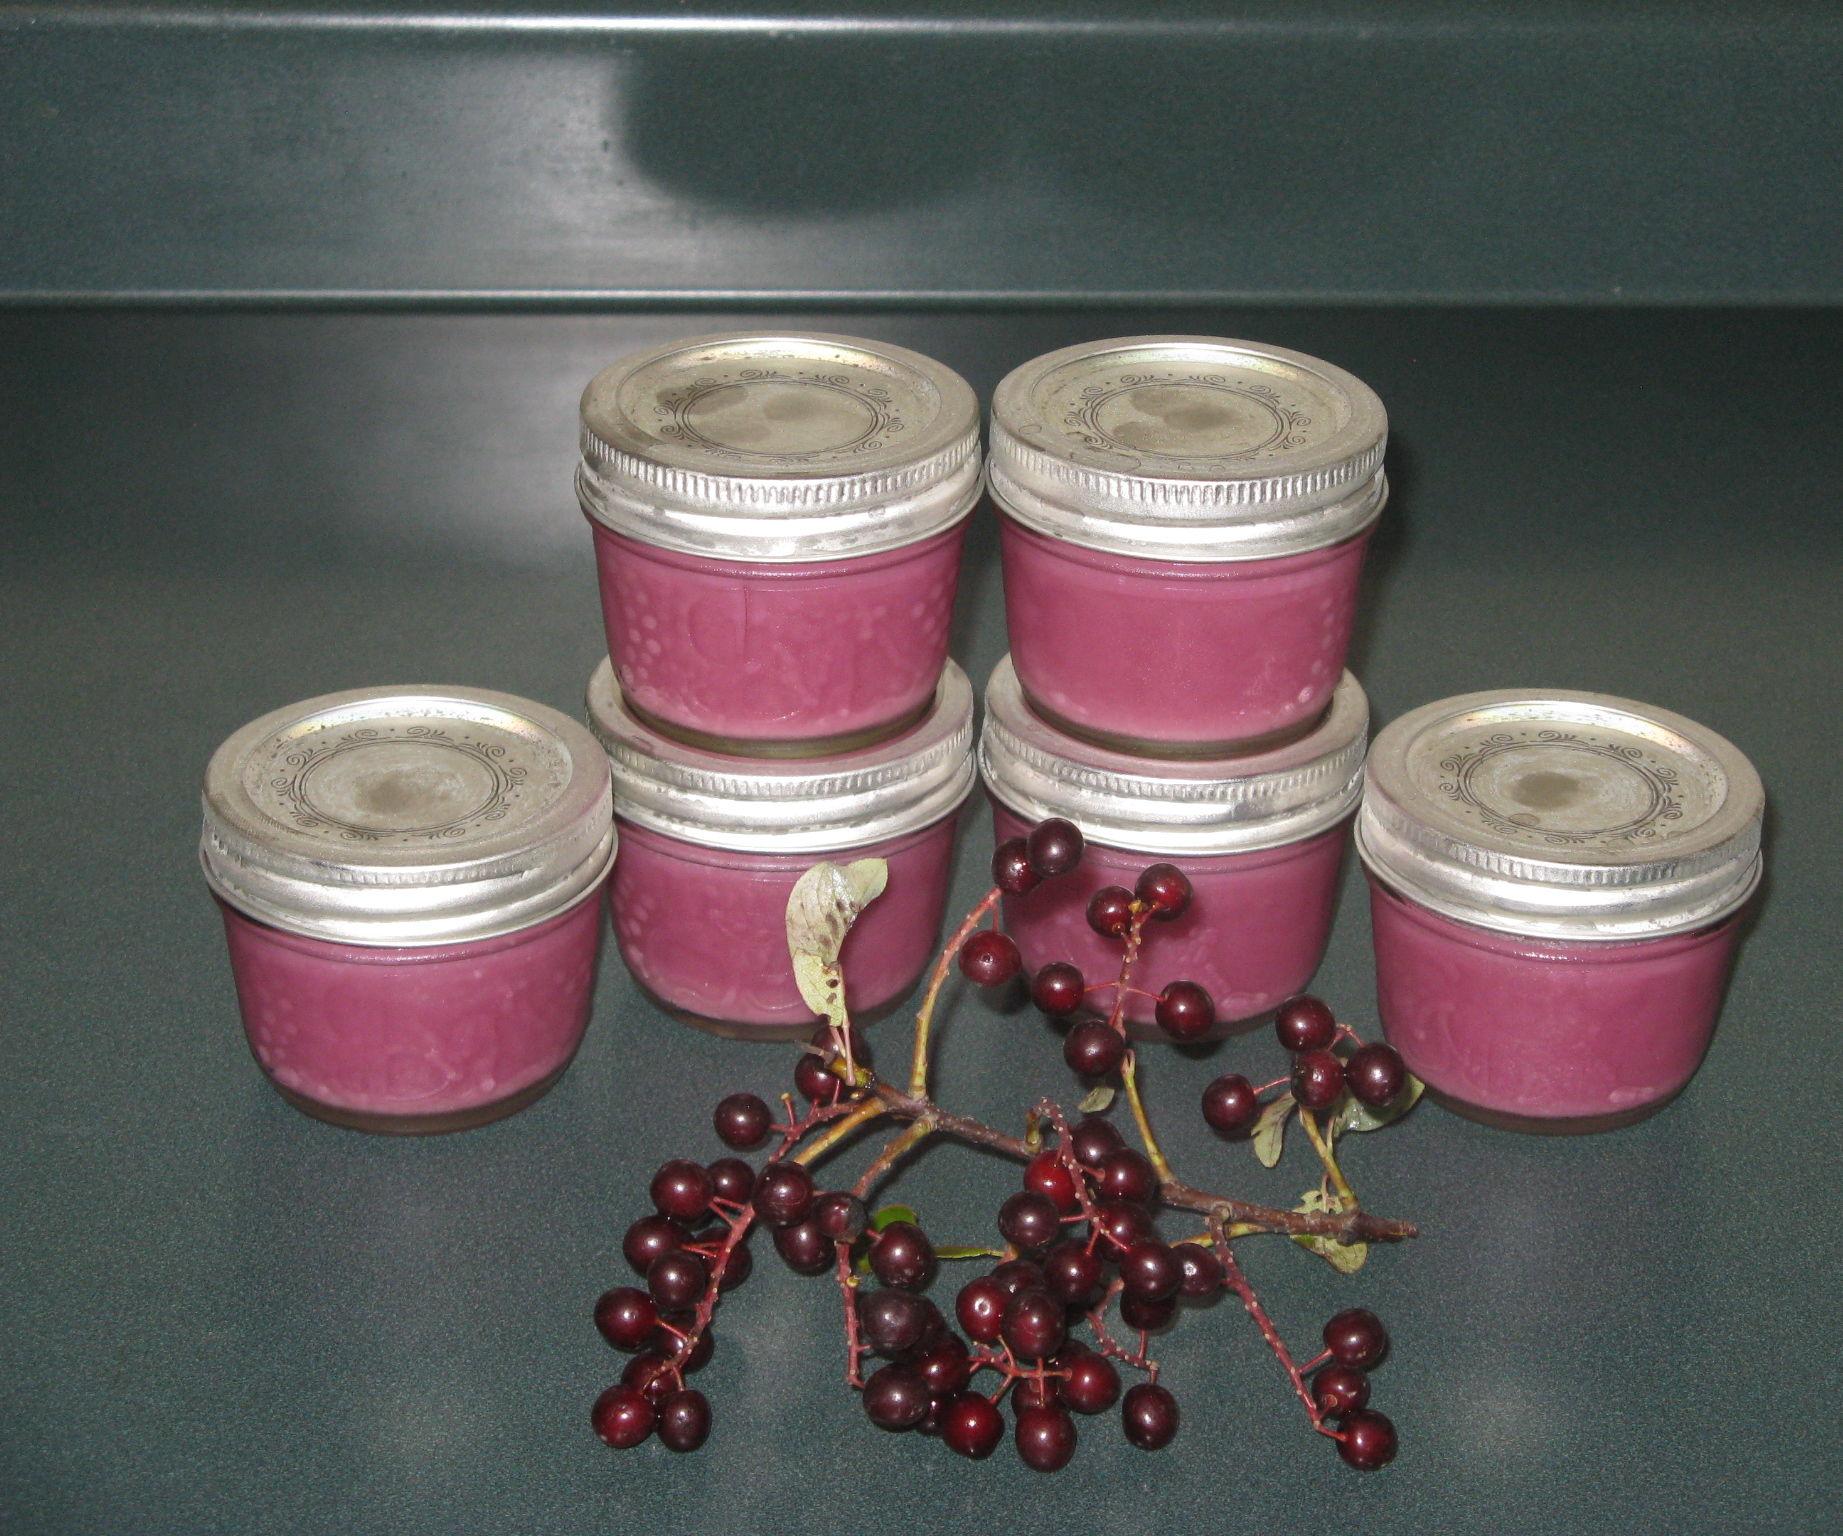 Sugar Free Chokecherry Jam